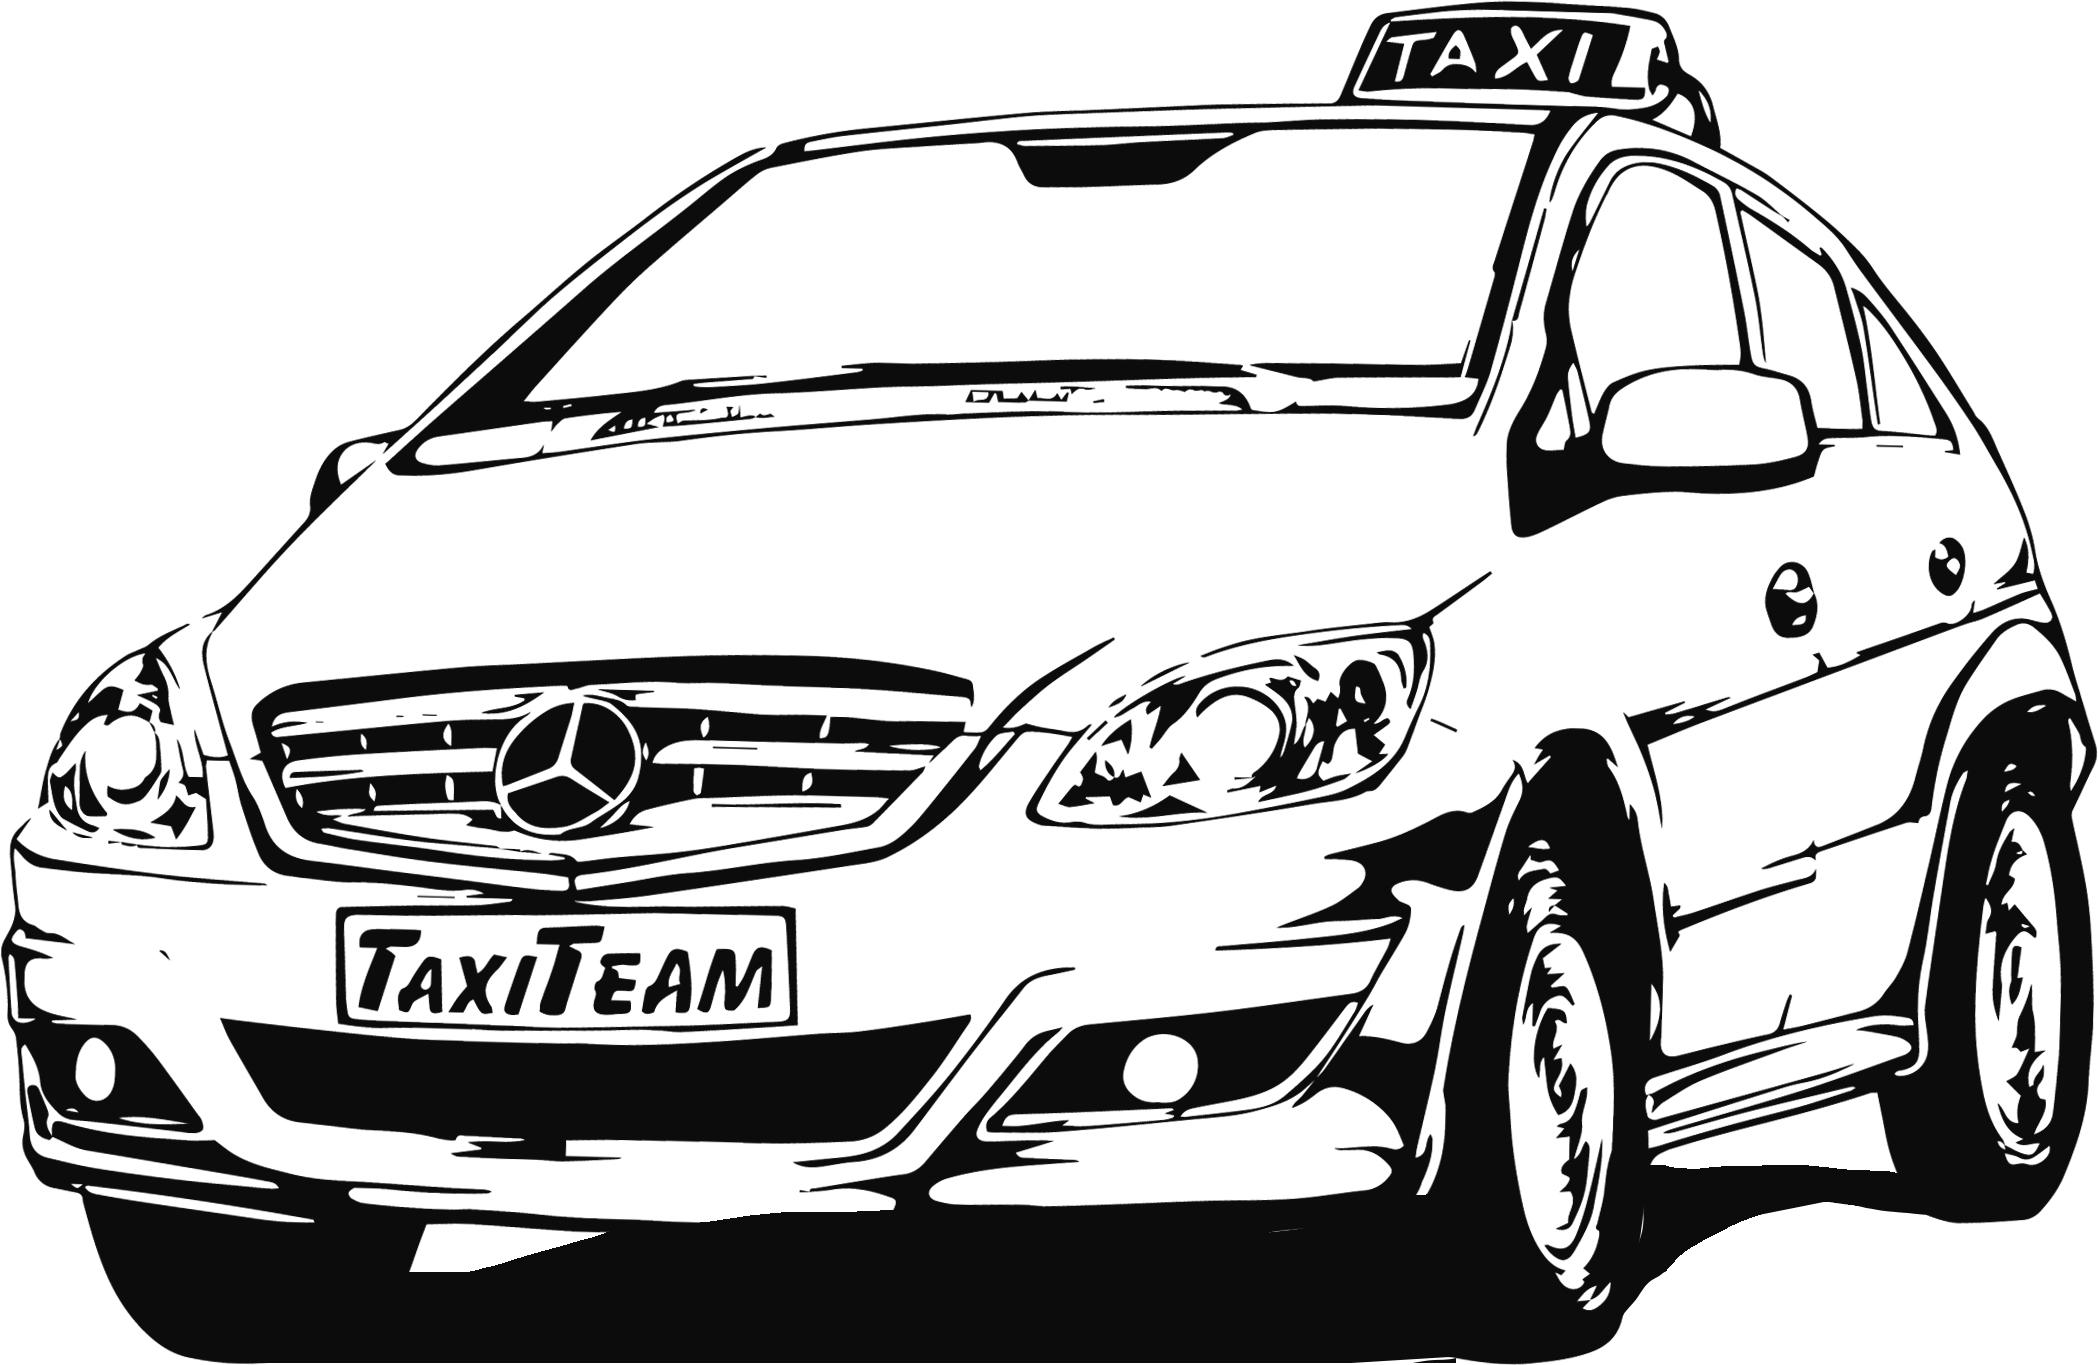 Mercedes B- Klasse Taxi